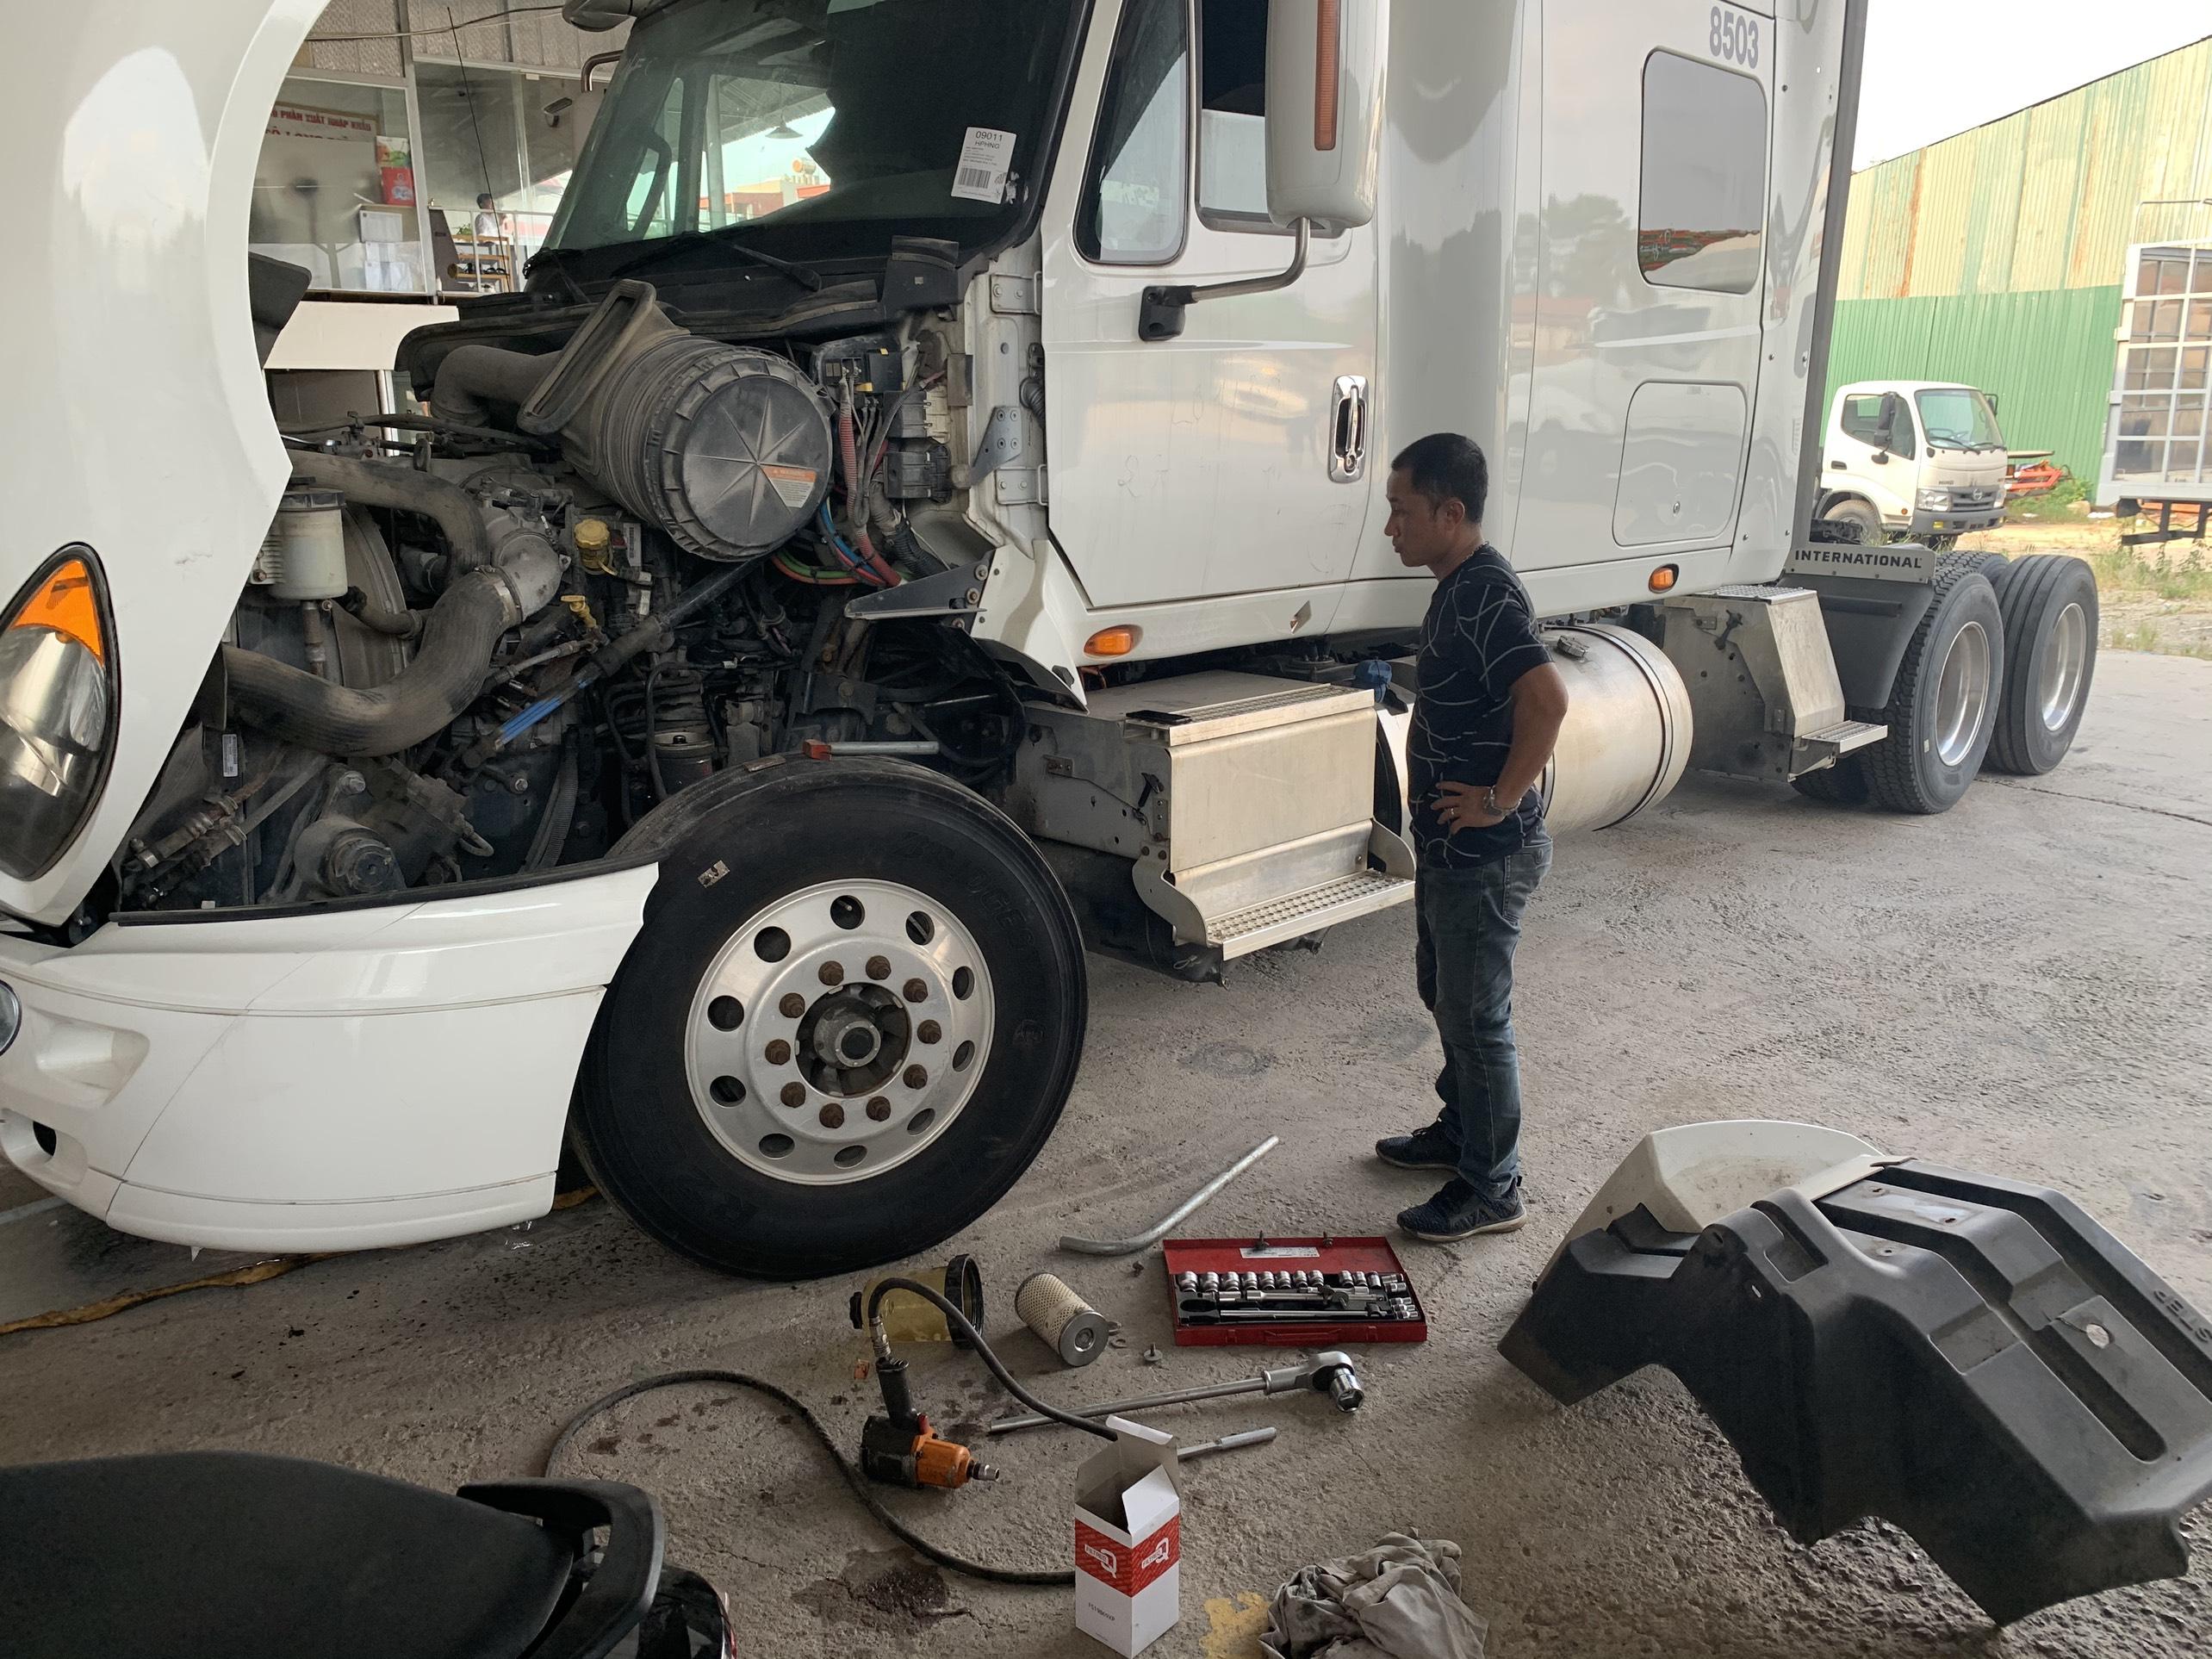 Dịch vụ sửa chữa bảo dưỡng xe ô tô tải uy tín, chất lượng, giá rẻ tại Hà Nội